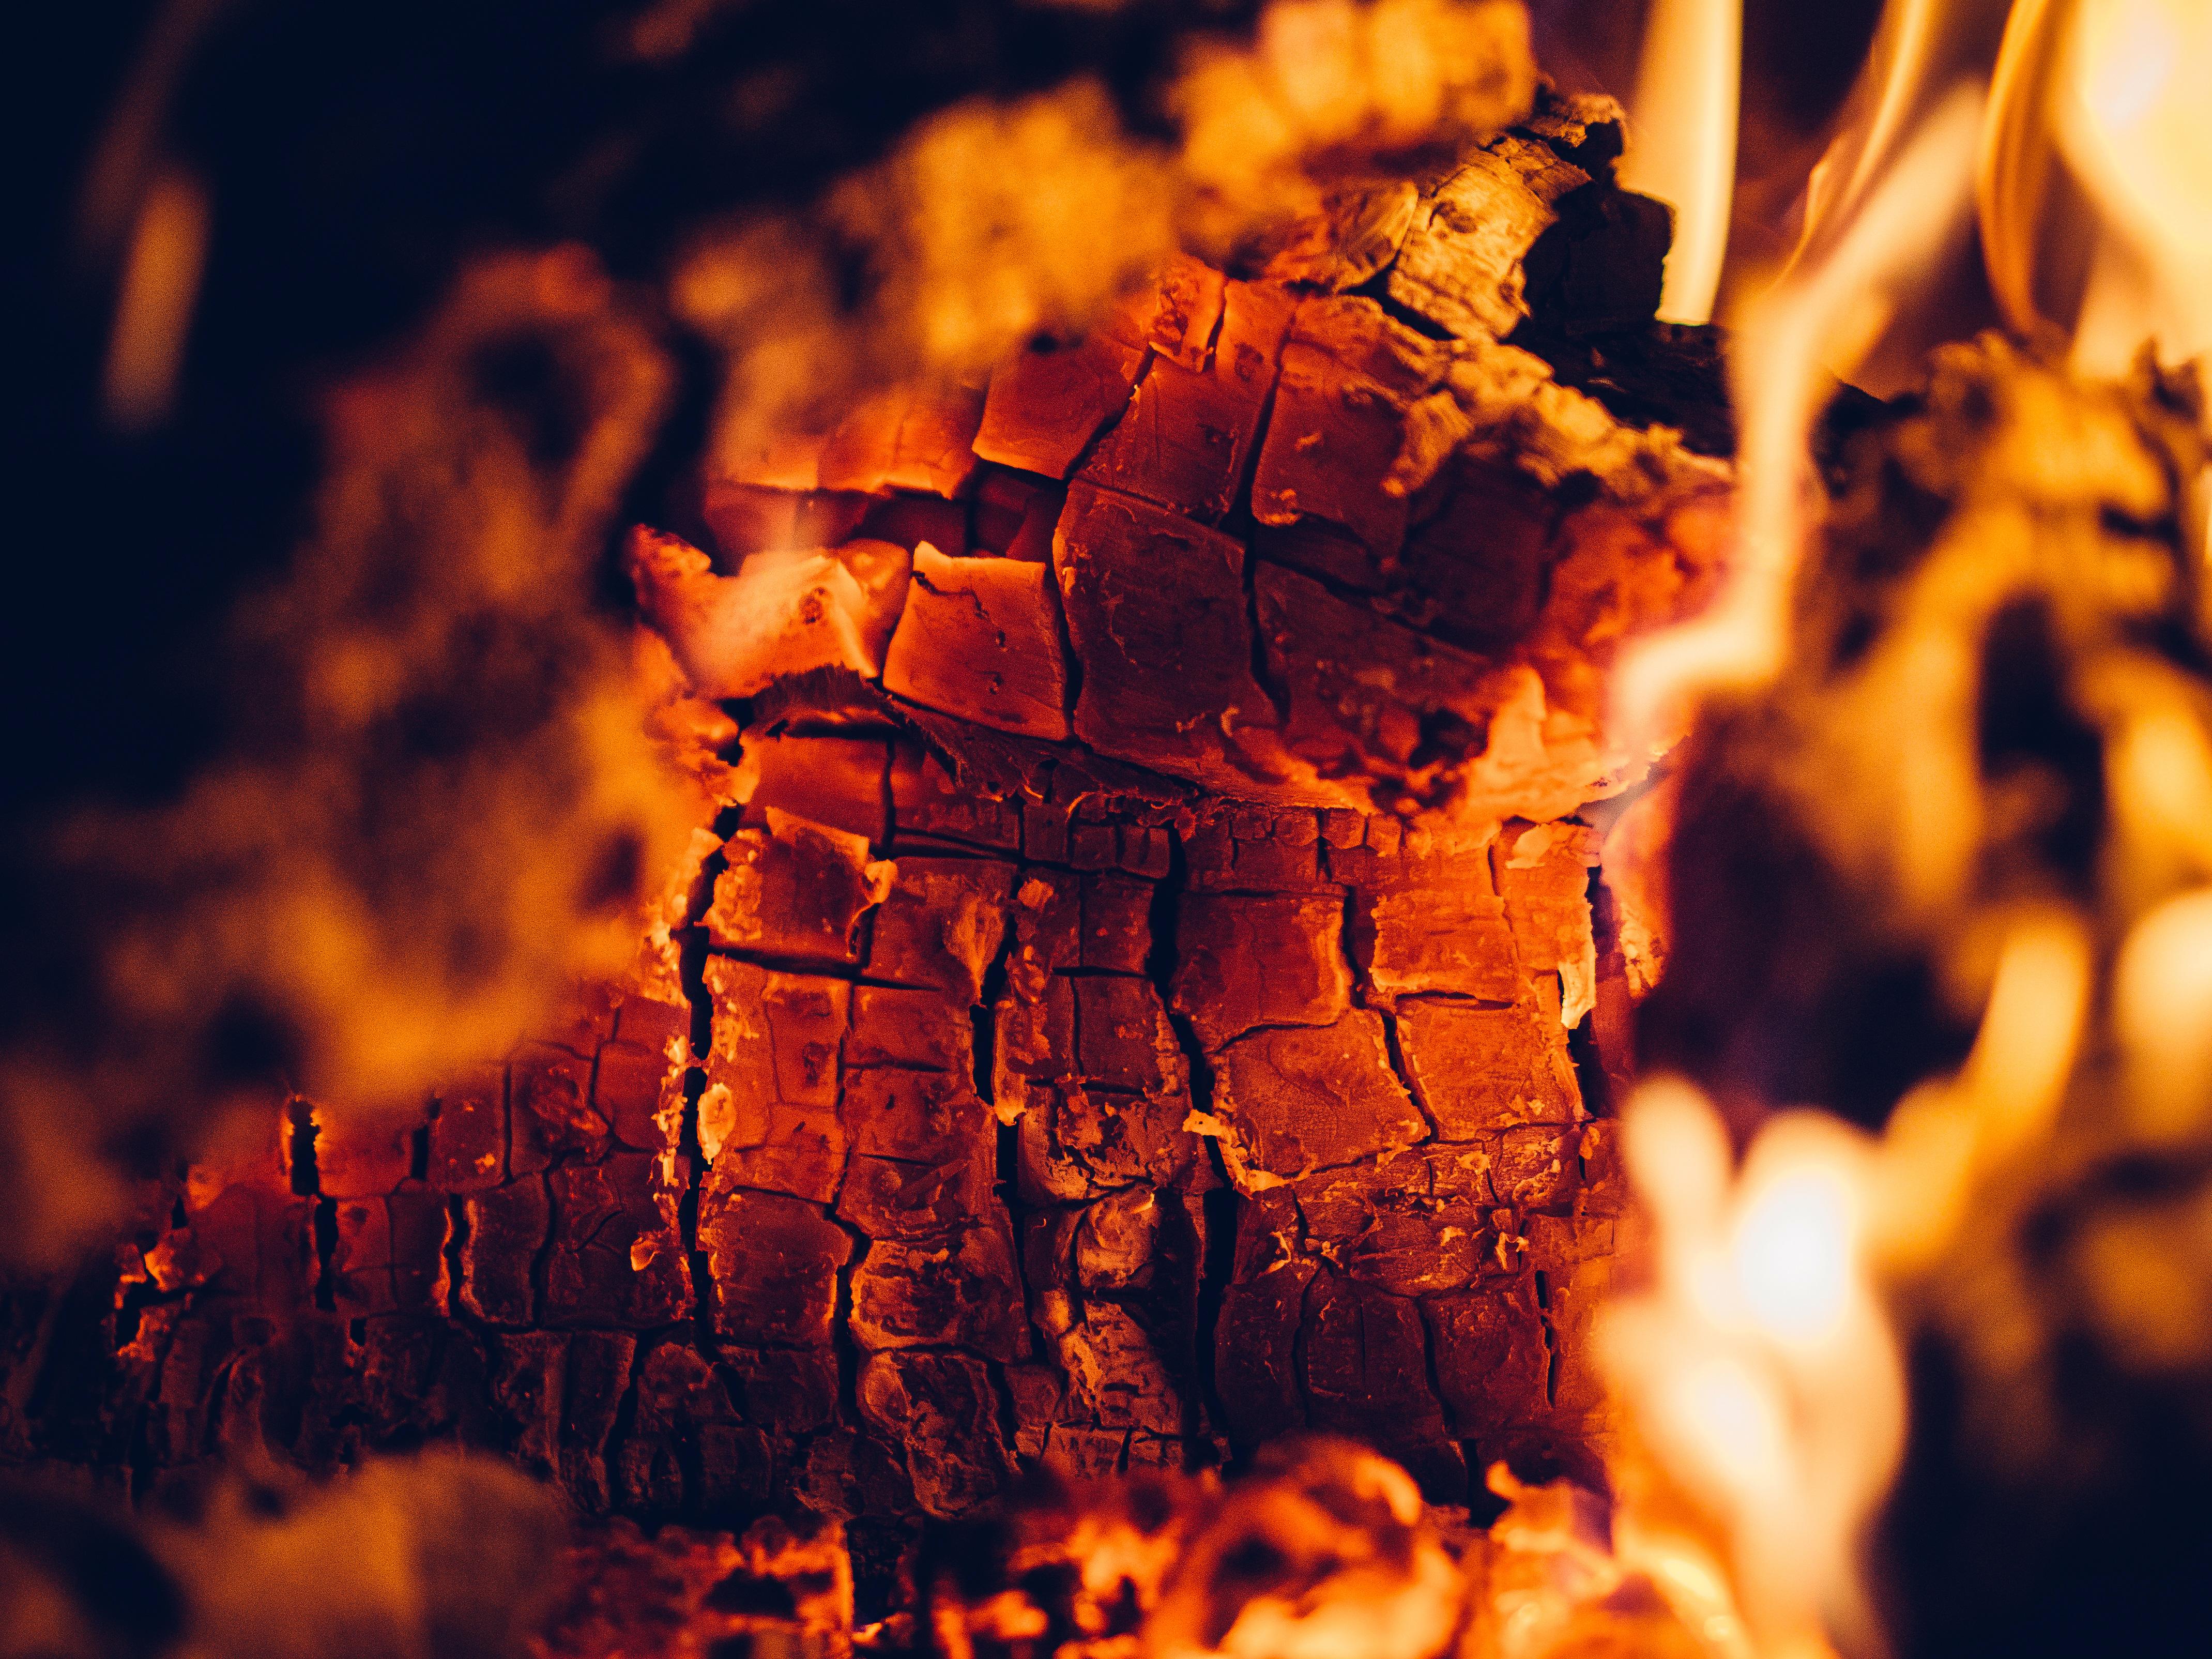 picallscom glowing coals by pawel kadysz